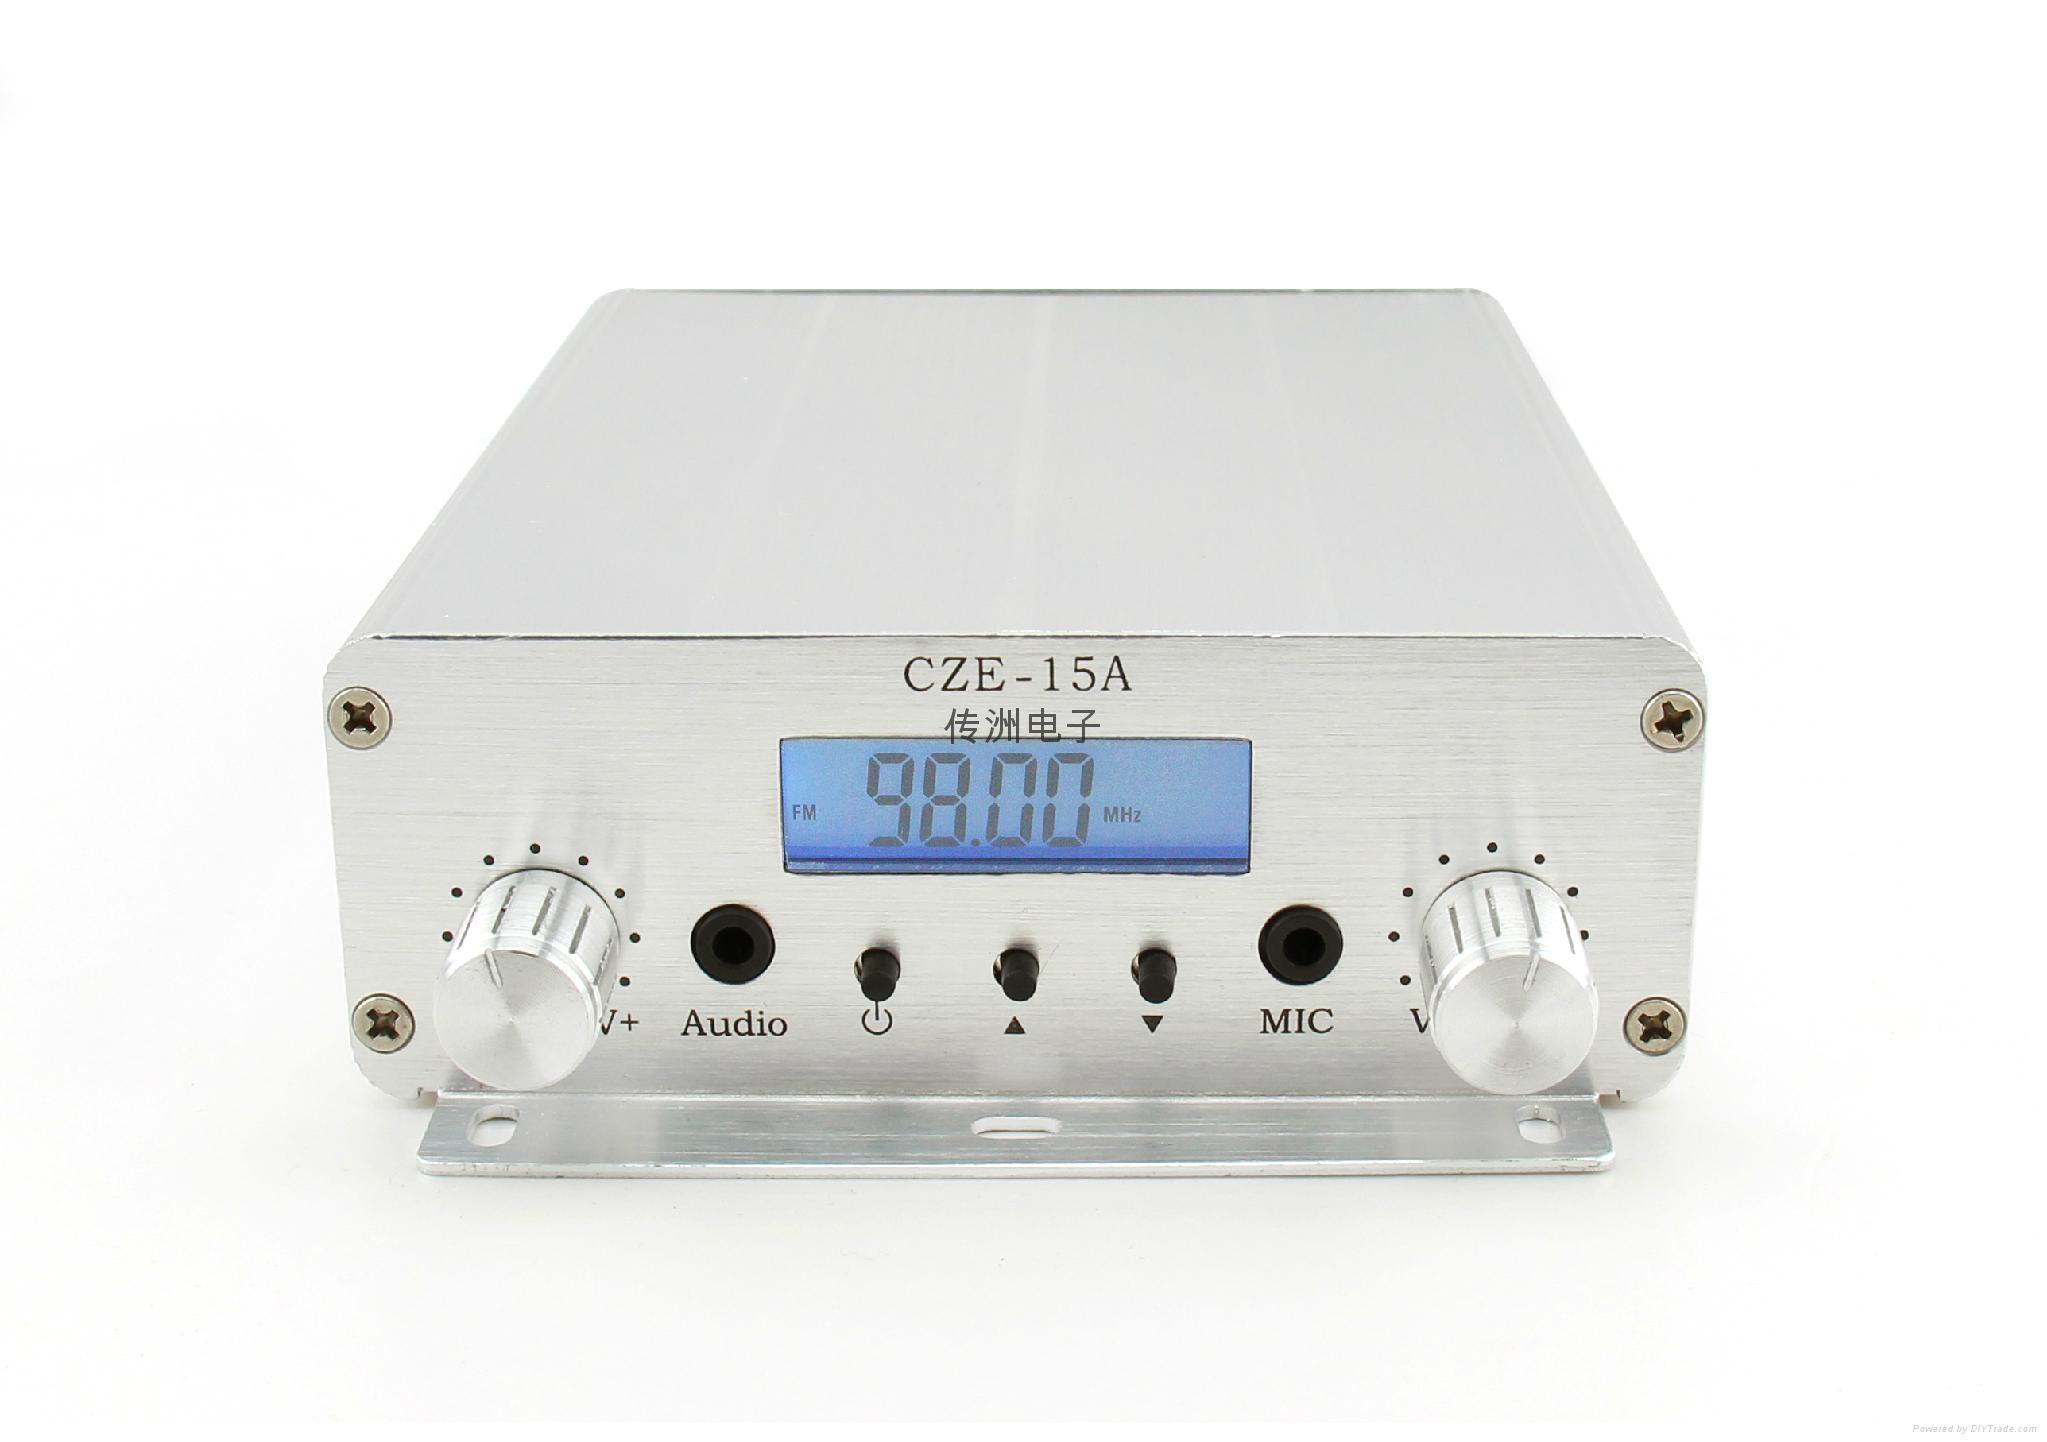 CZE-15A 15W Diy Power Amplifier Kit FM Transmitter 3